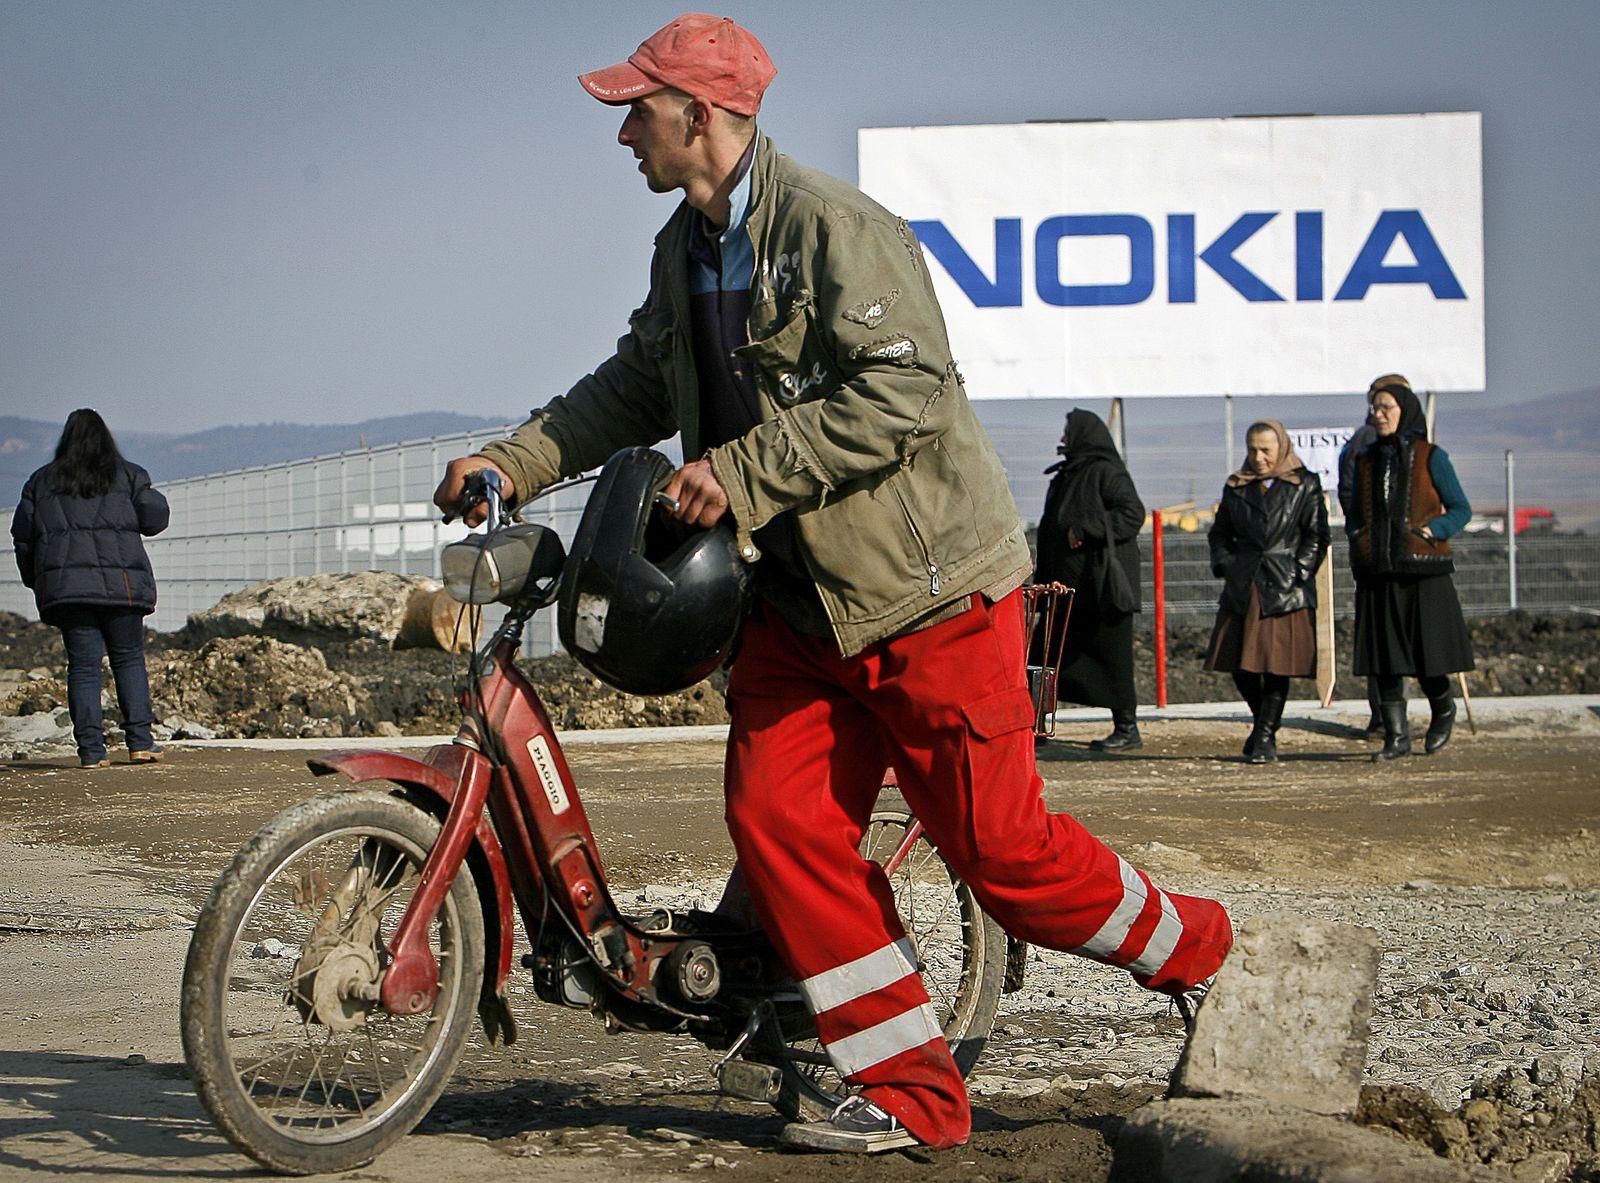 Romania Nokia